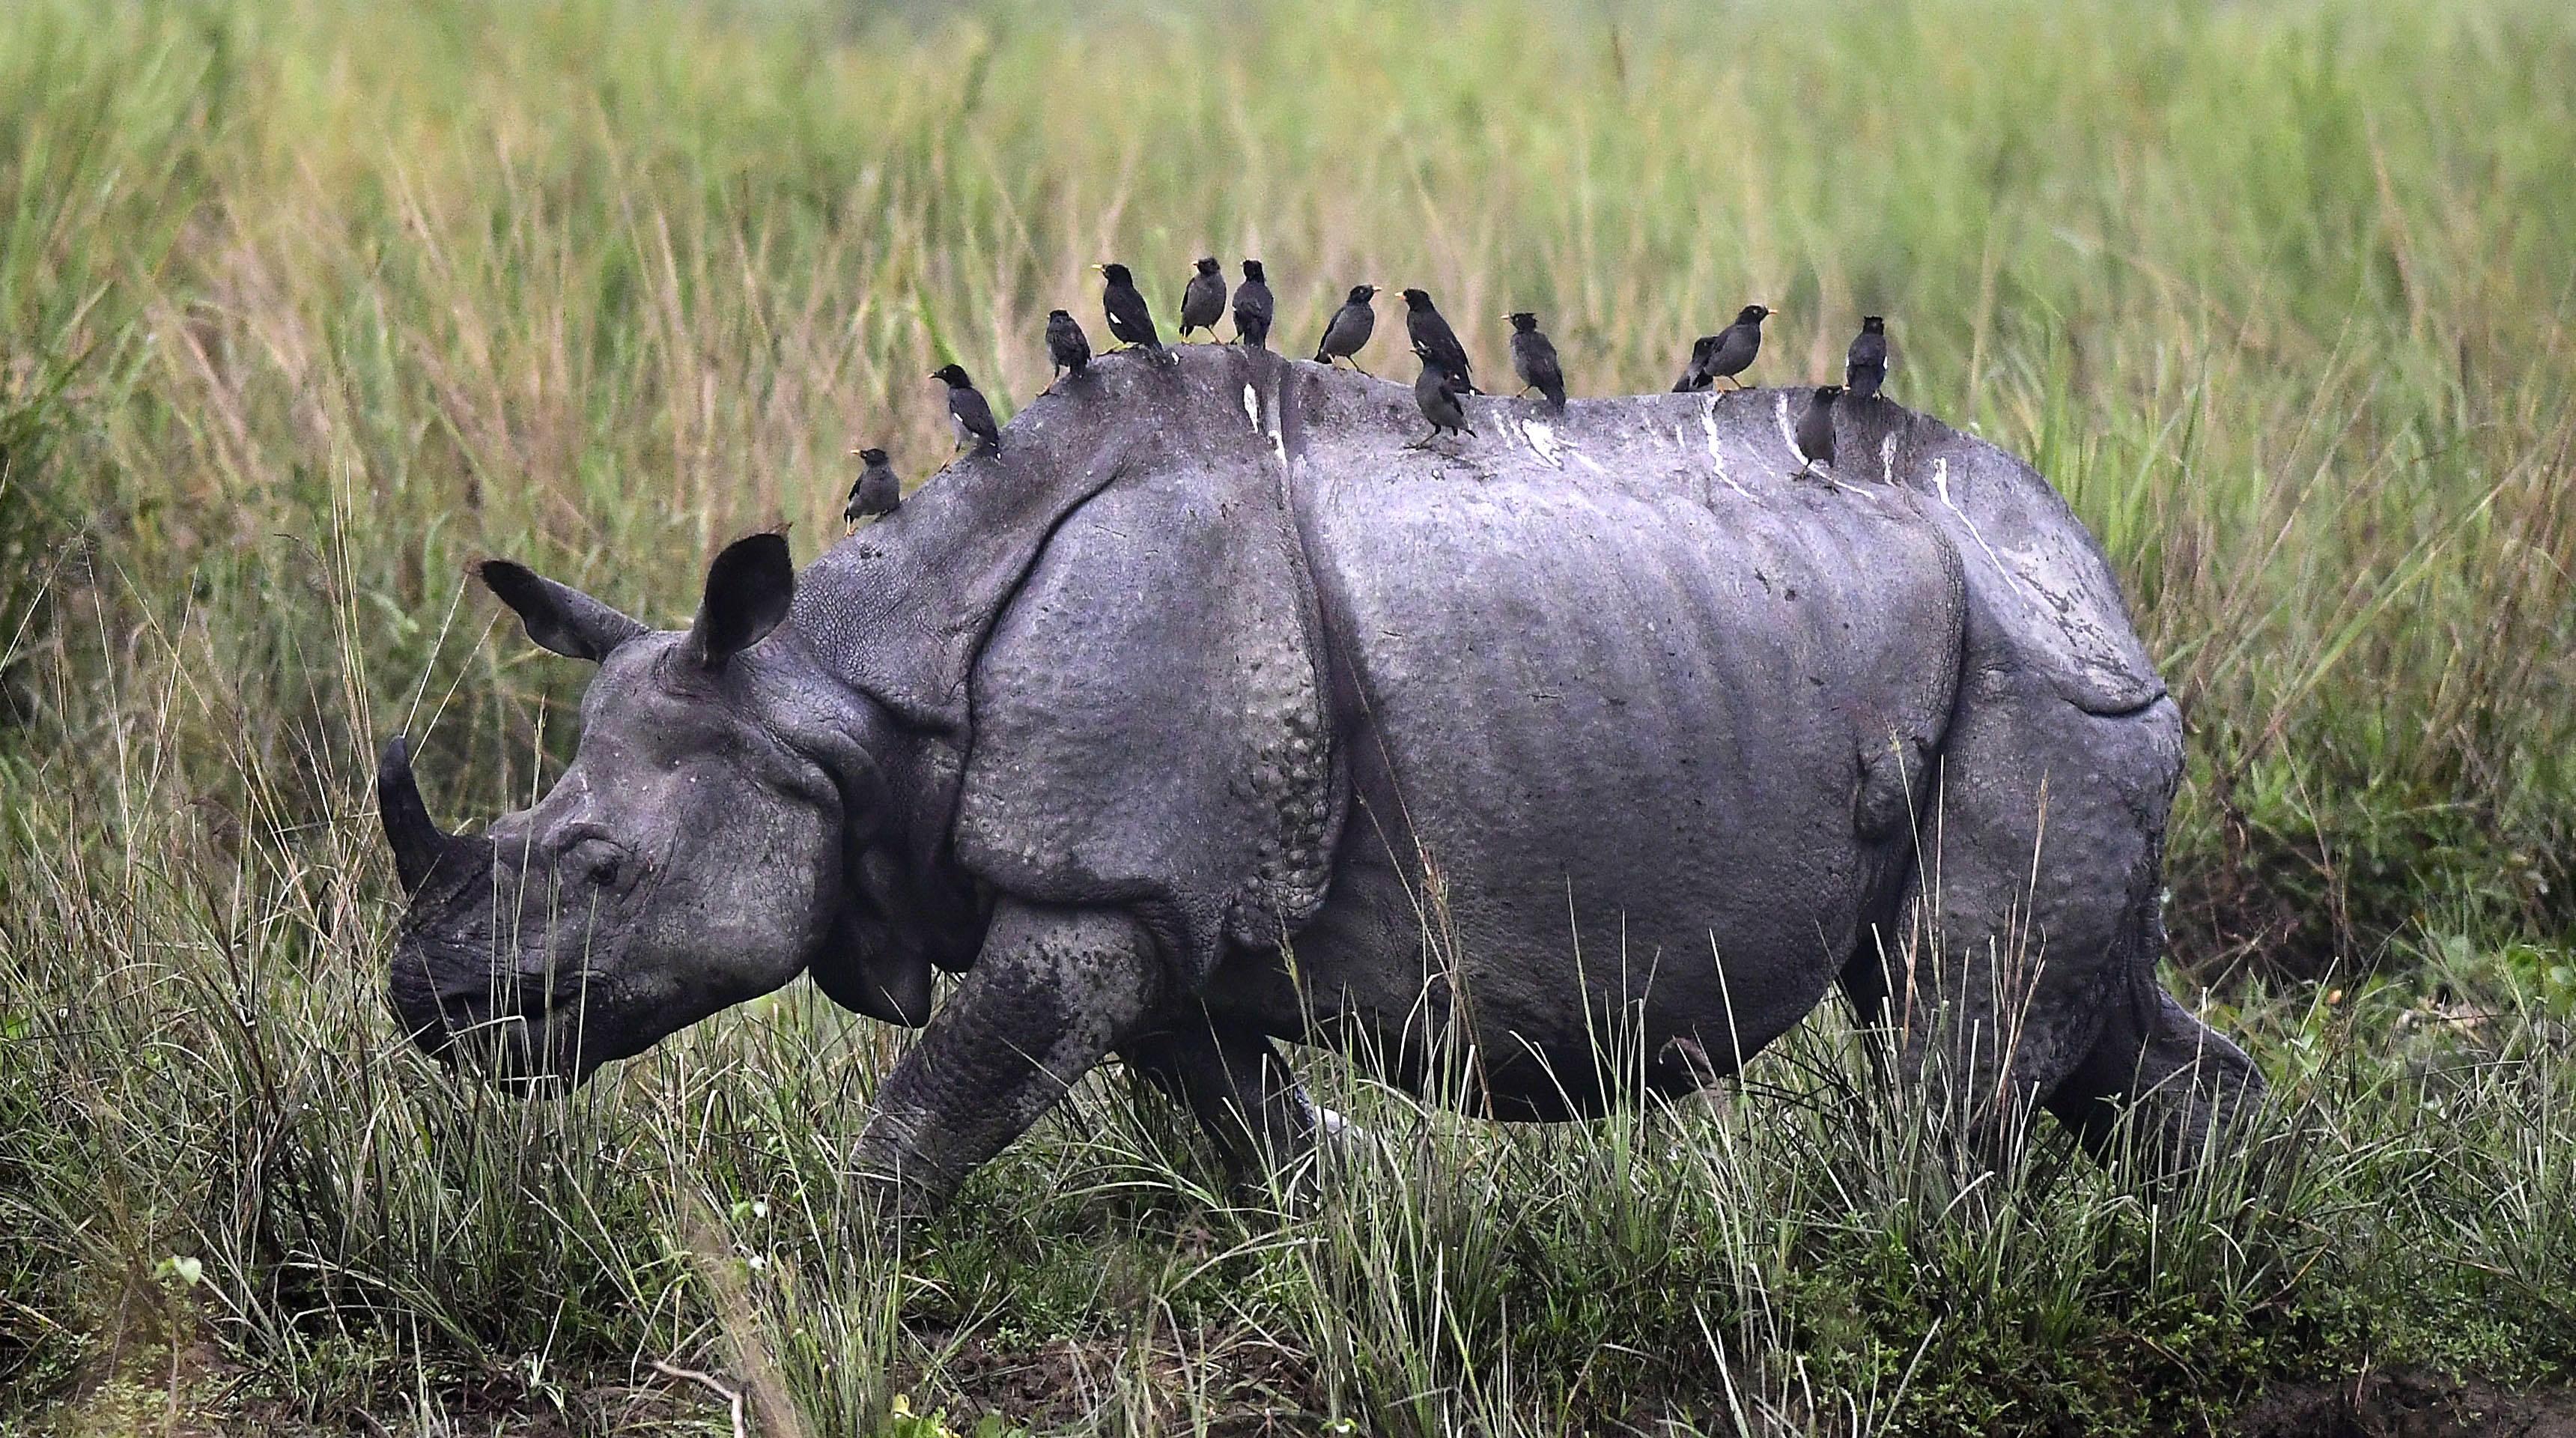 Това е едно от последните убежища на едрите бозайници на Азия и световноизвестно като основно местообитание на застрашения от изчезване индийски носорог.